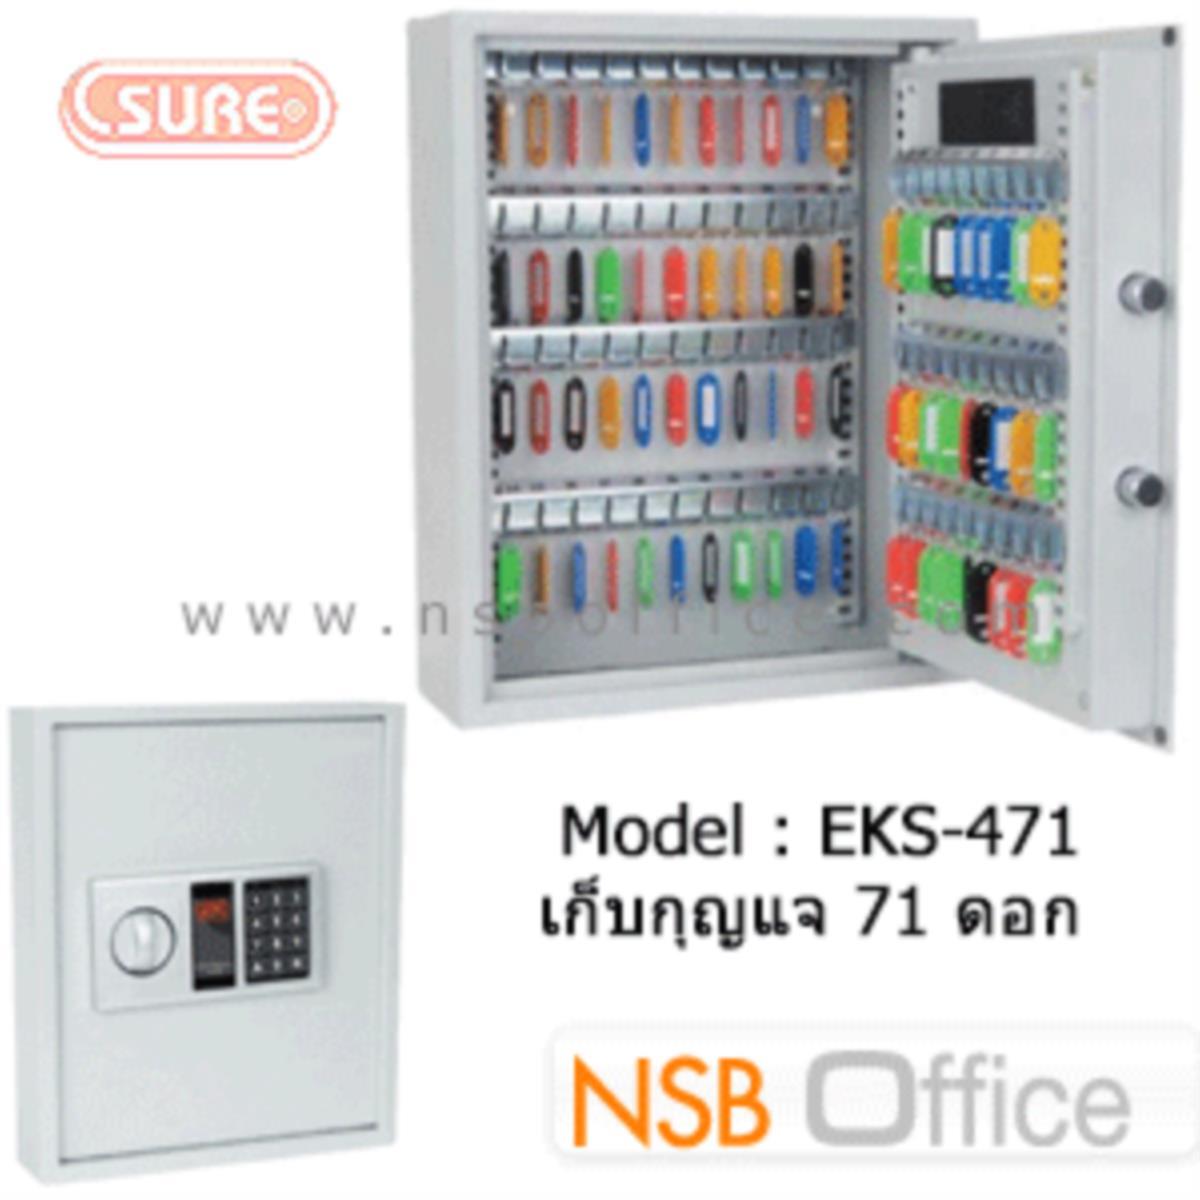 F03A013:ตู้เซฟดิจิตอล เก็บกุญแจ 71 ดอก SR-EKS-471 ขนาด 36W*12D*45H cm.